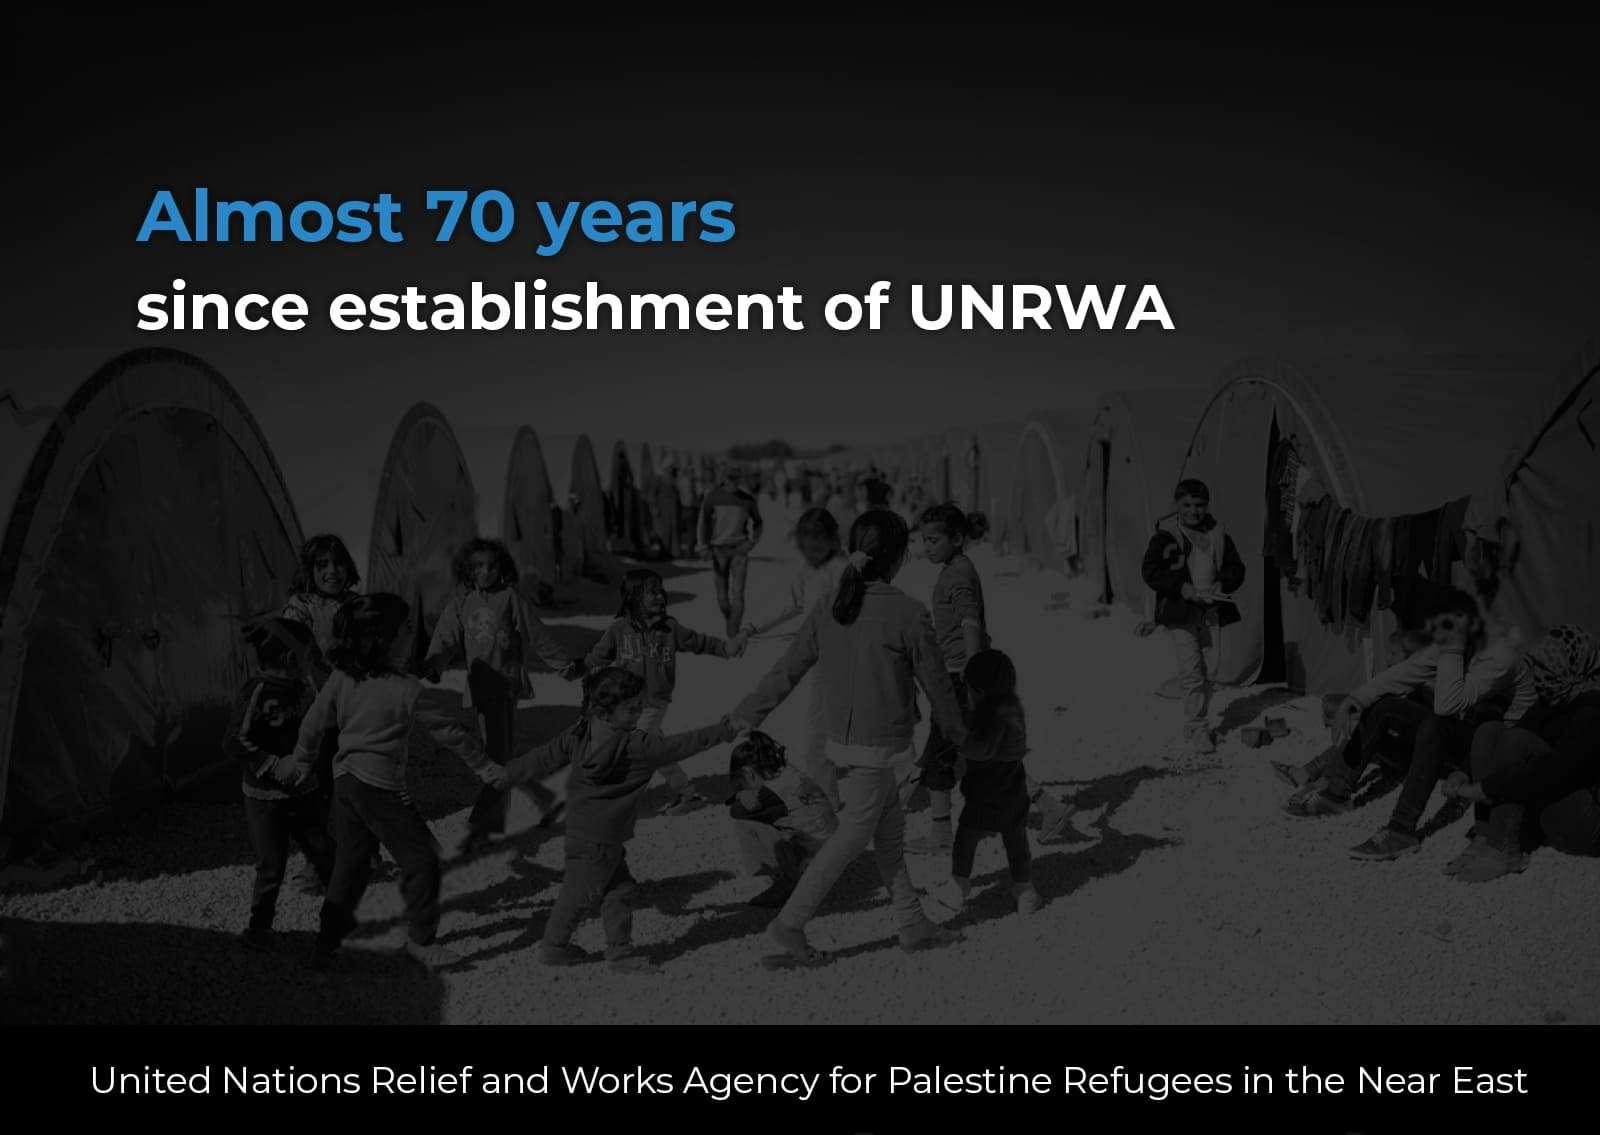 Decline of UNRWA services